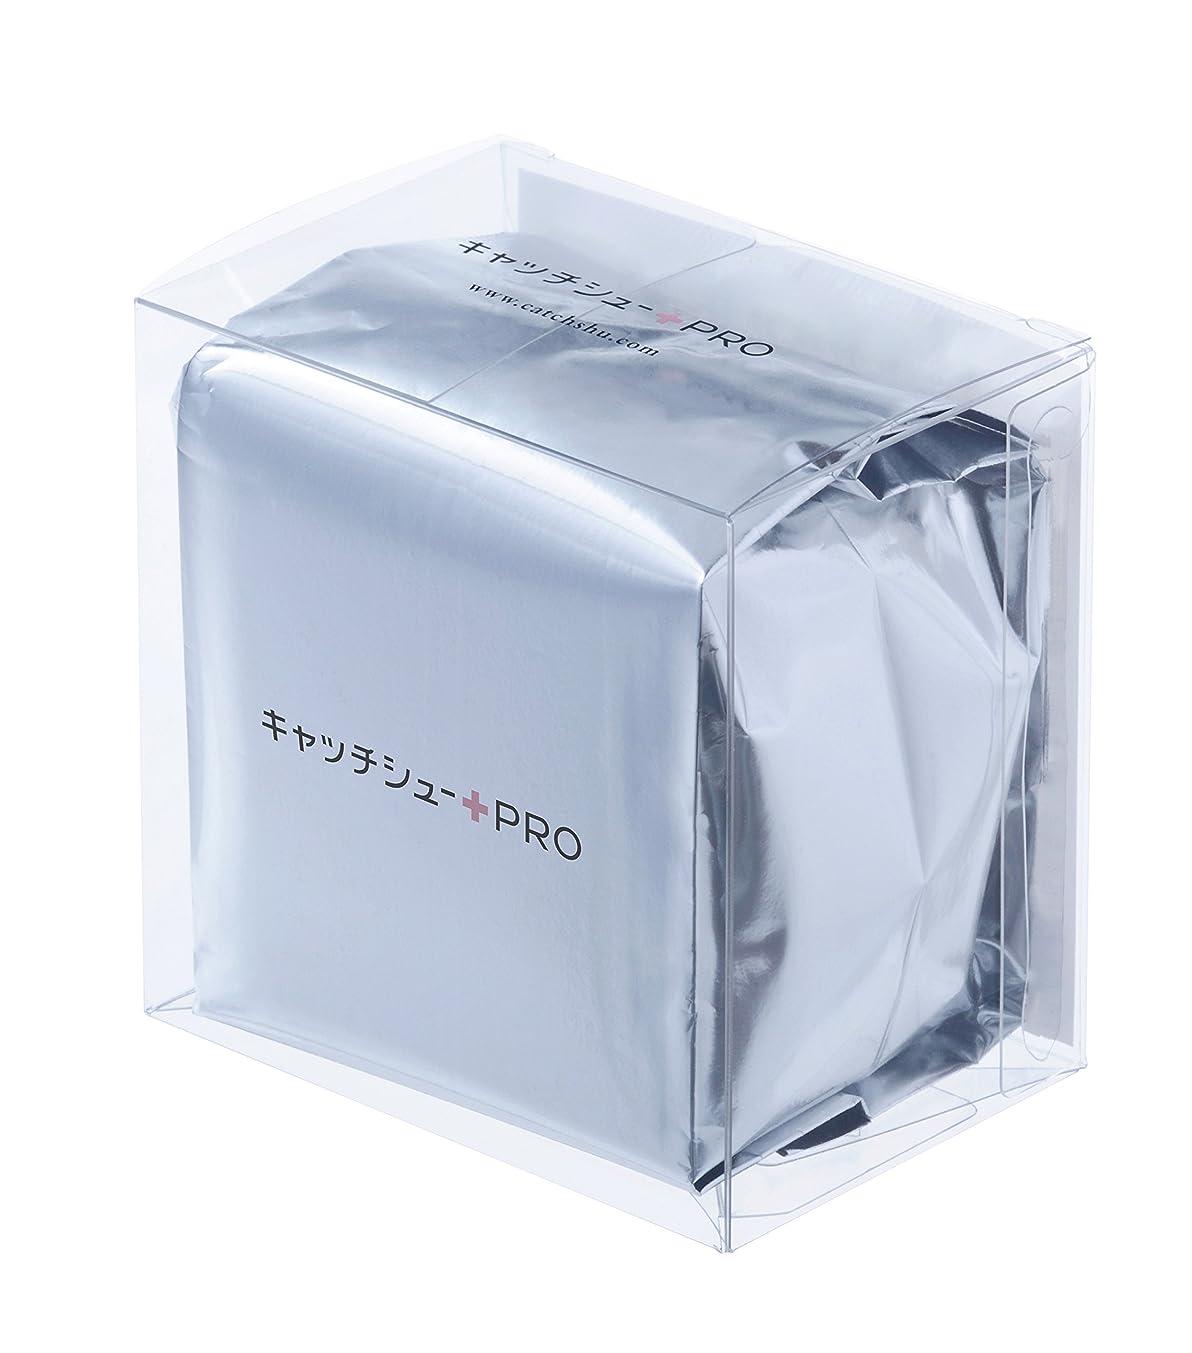 マティスご予約料理キャッチシューPRO 強力脱臭剤 キャッチシューPRO 詰替え用 ホワイト 無香料 天然素材 150g